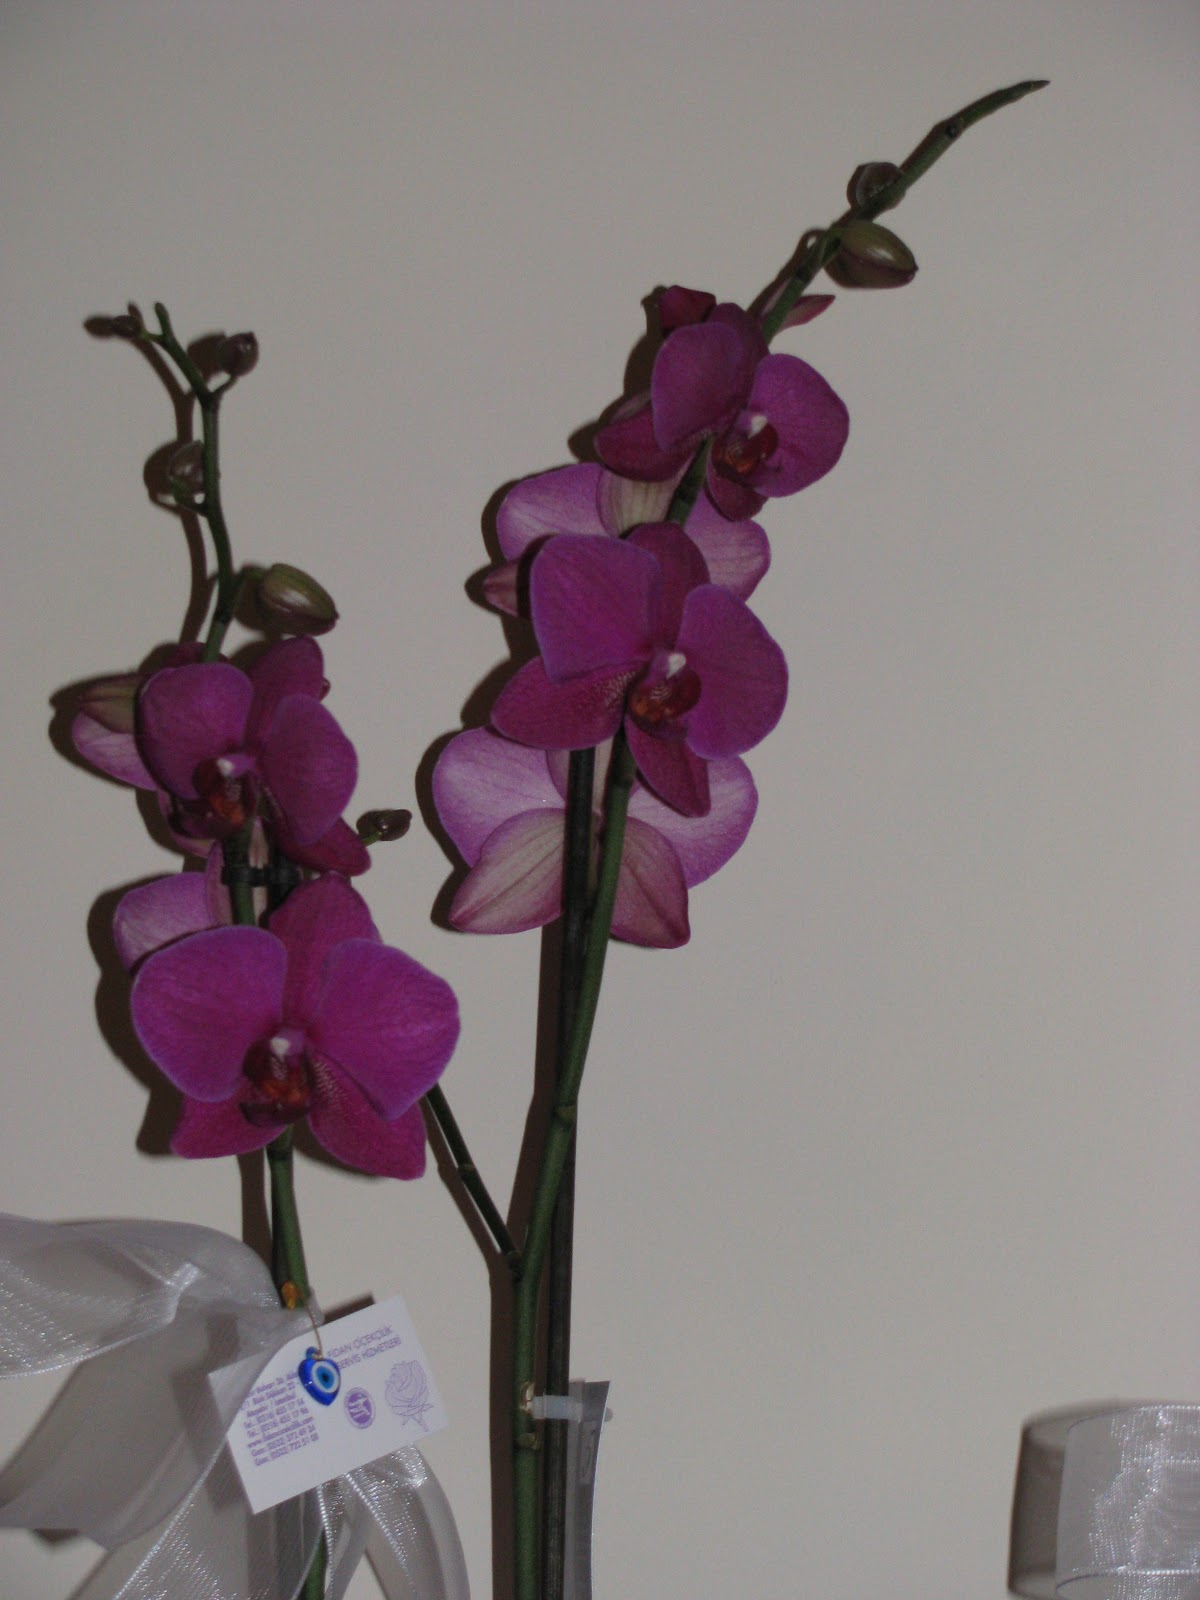 Orkide ortası vardı: ne yapmalı ve onlardan nasıl kurtulacak